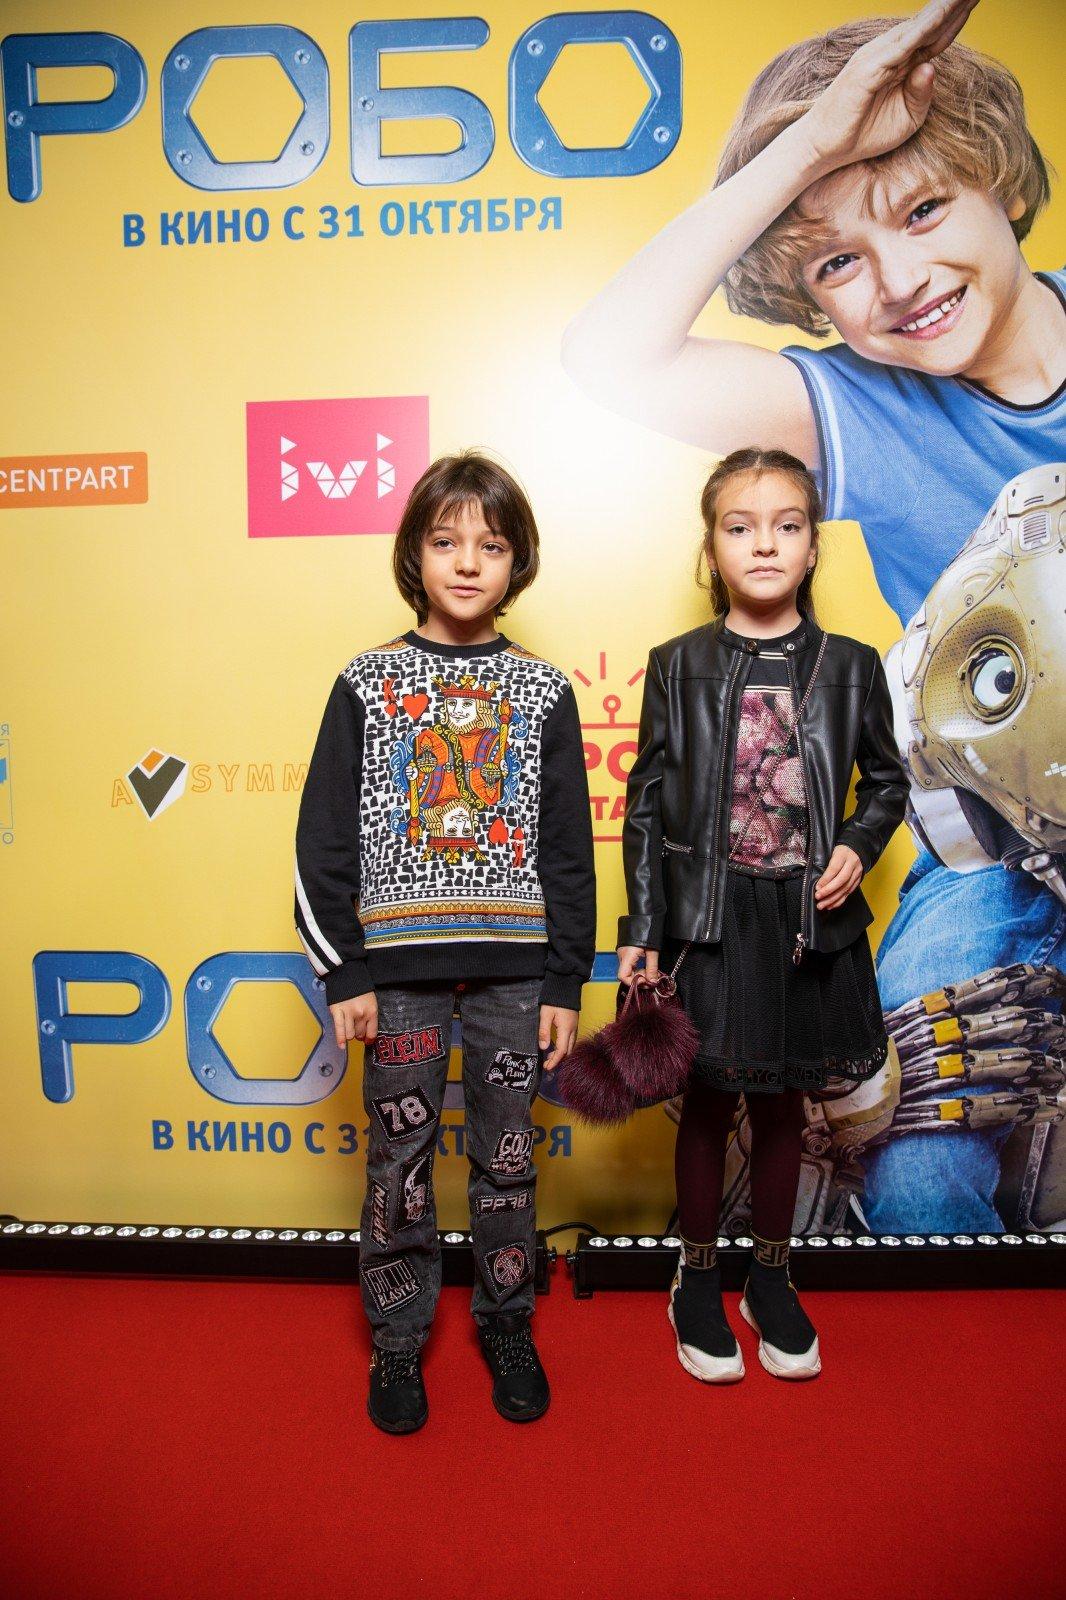 Екатерина Шпица, Сергей Жуков, Эвелина Бледанс и Михаил Башкатов (все с детьми!) на премьере семейного фильма «Робо»